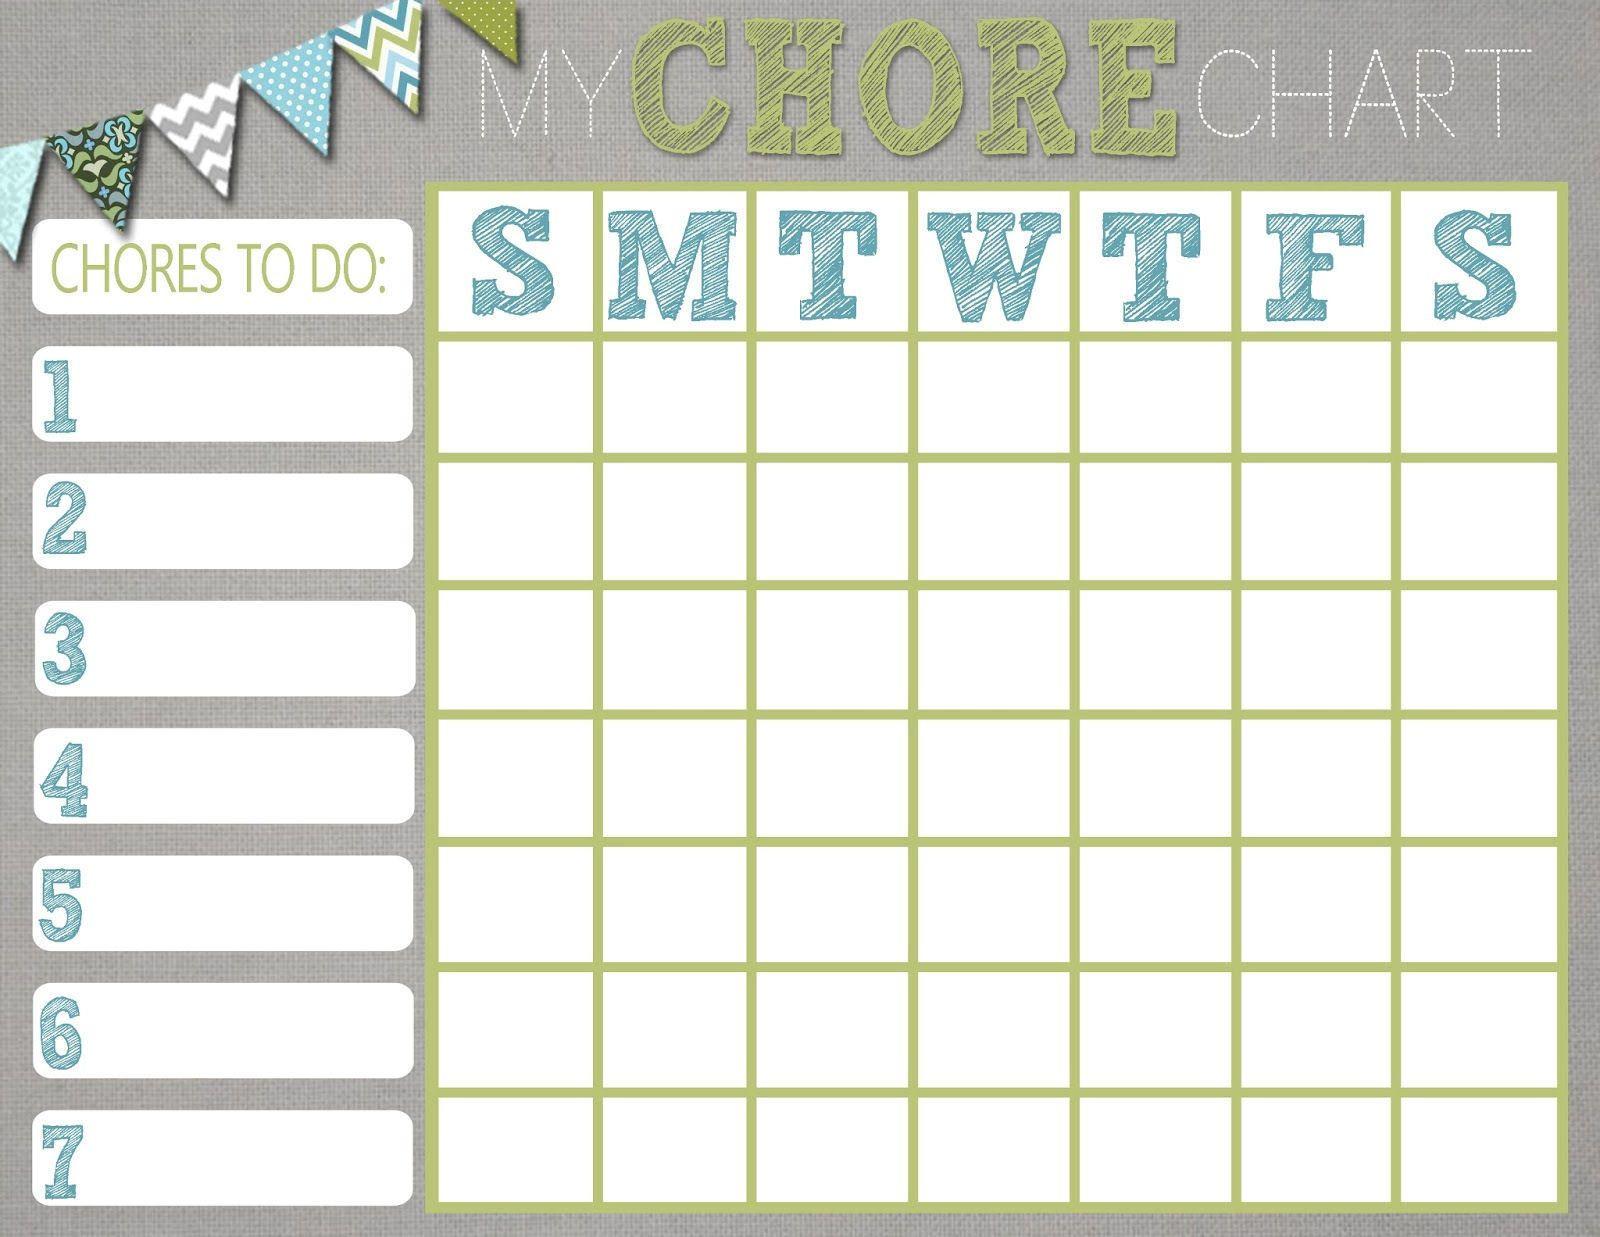 sticker chore chart template